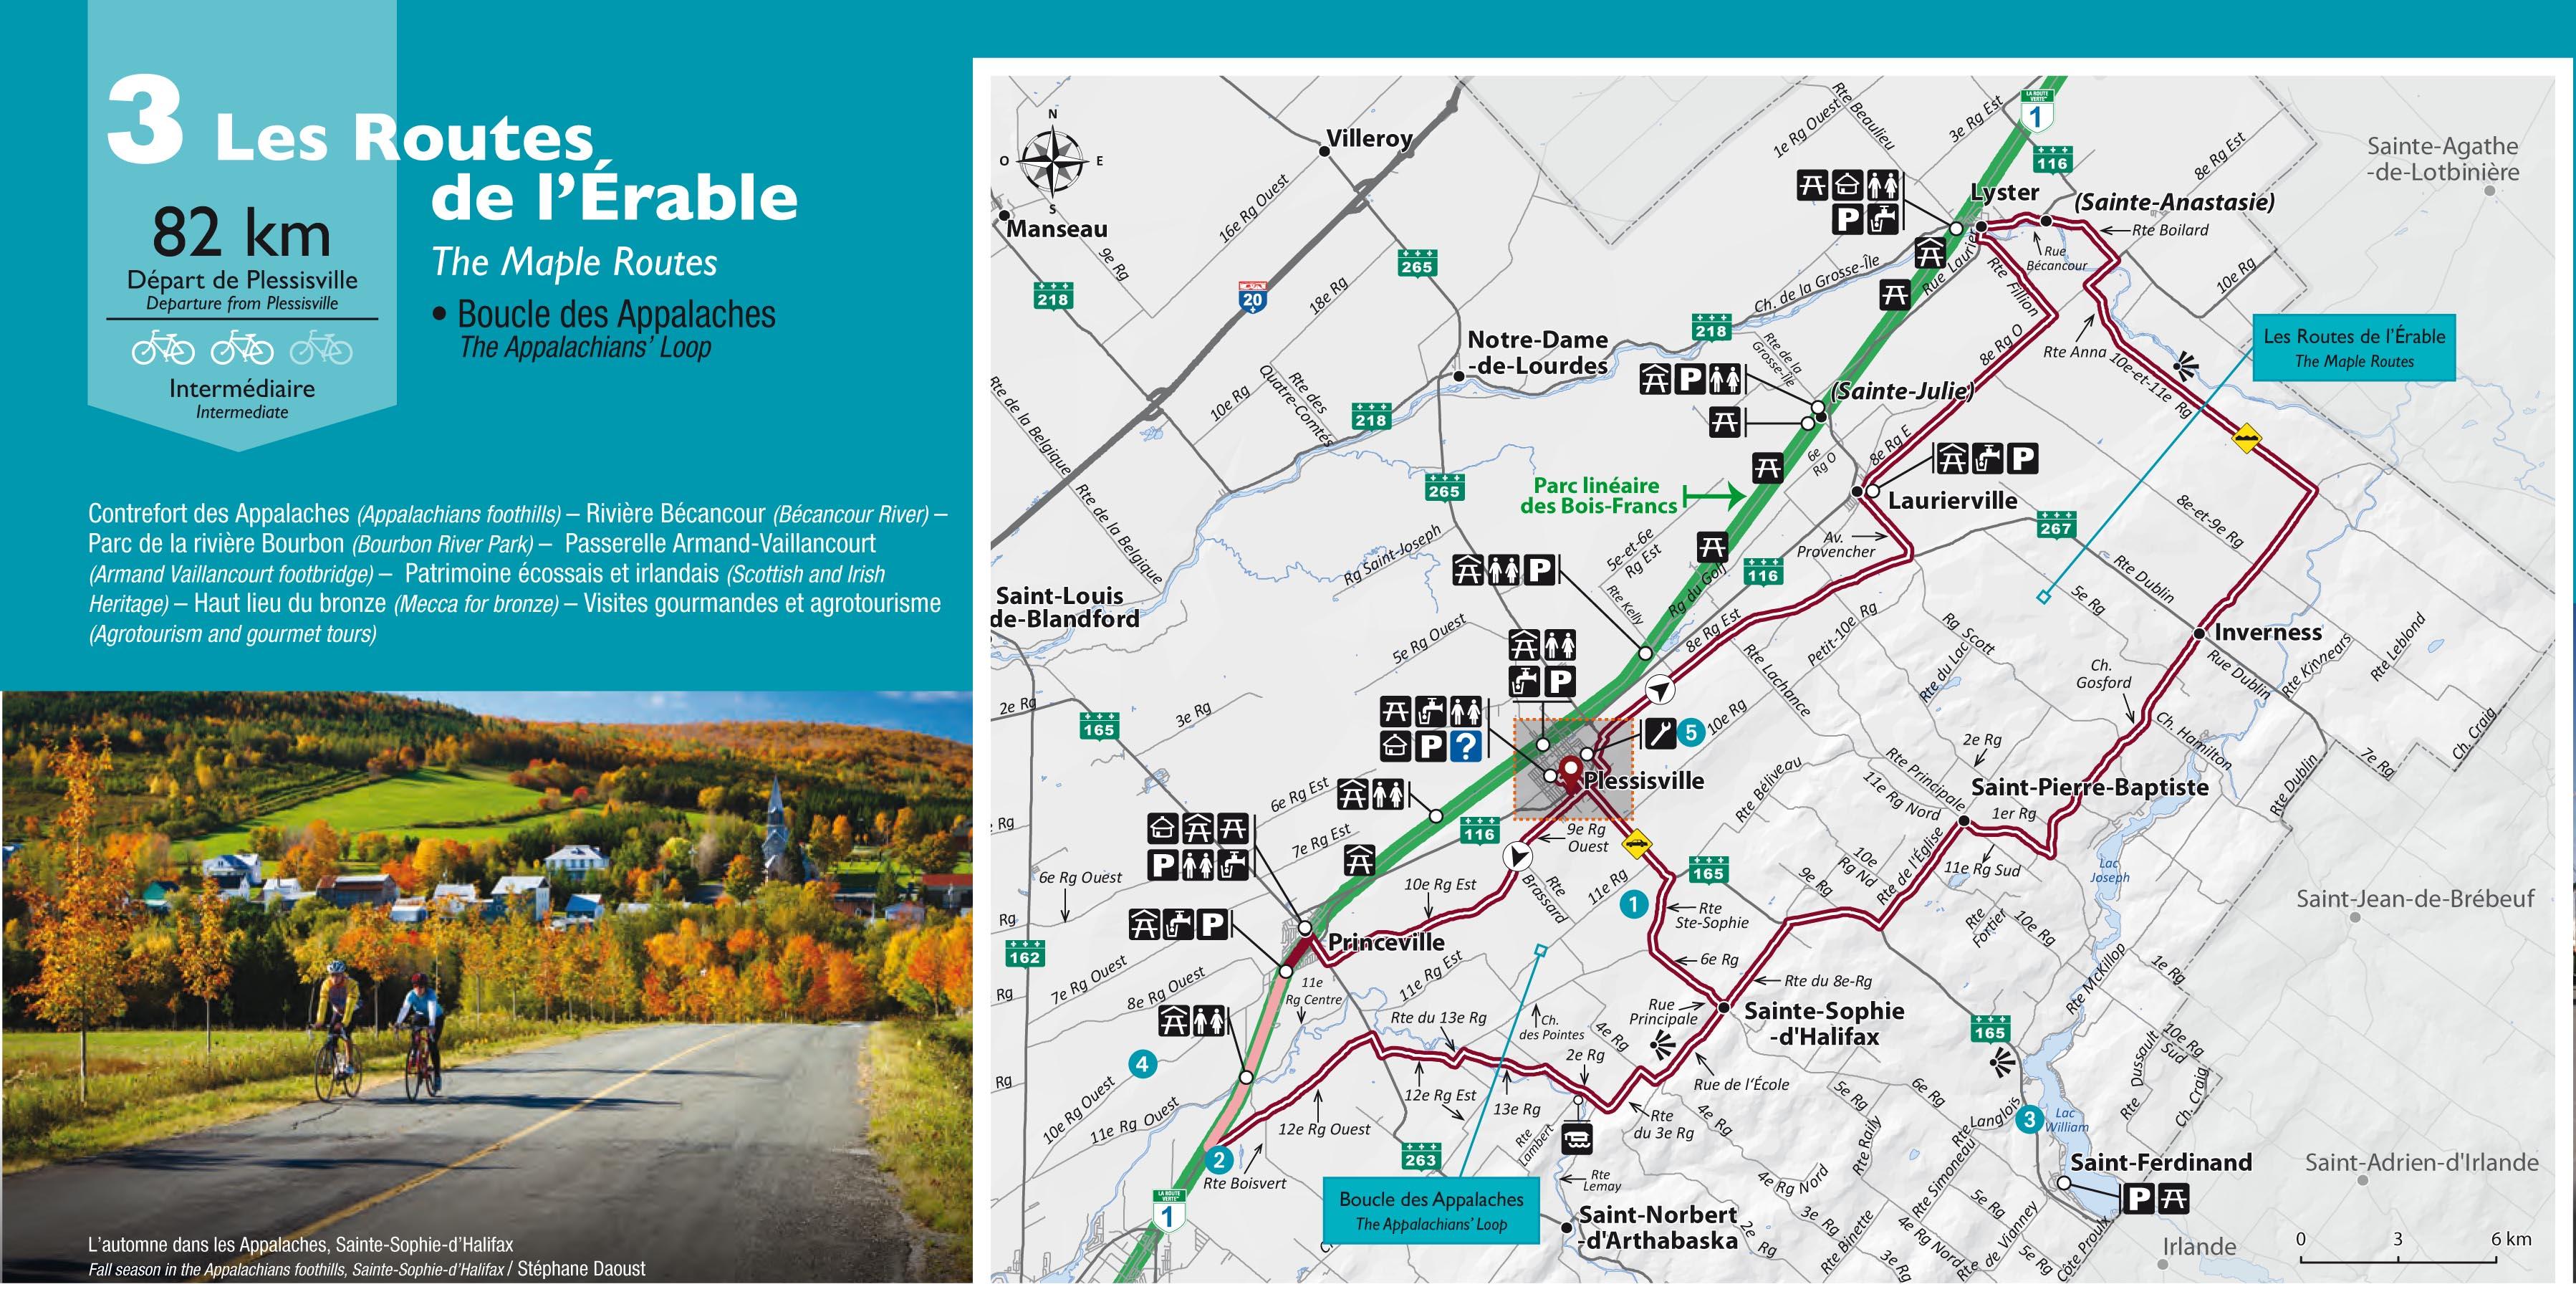 Parcours visuel des routes de L'Érable